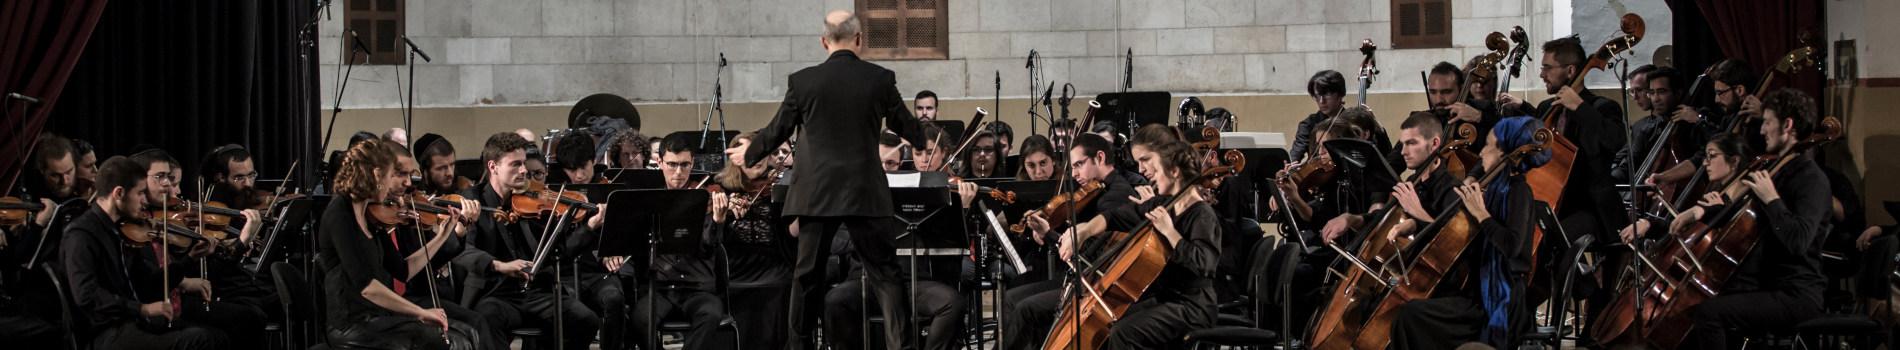 """מסע בעקבות בטהובן: """"לעומקה של תרבות"""" - הסימפוניות של ברוקנר וברהמס"""